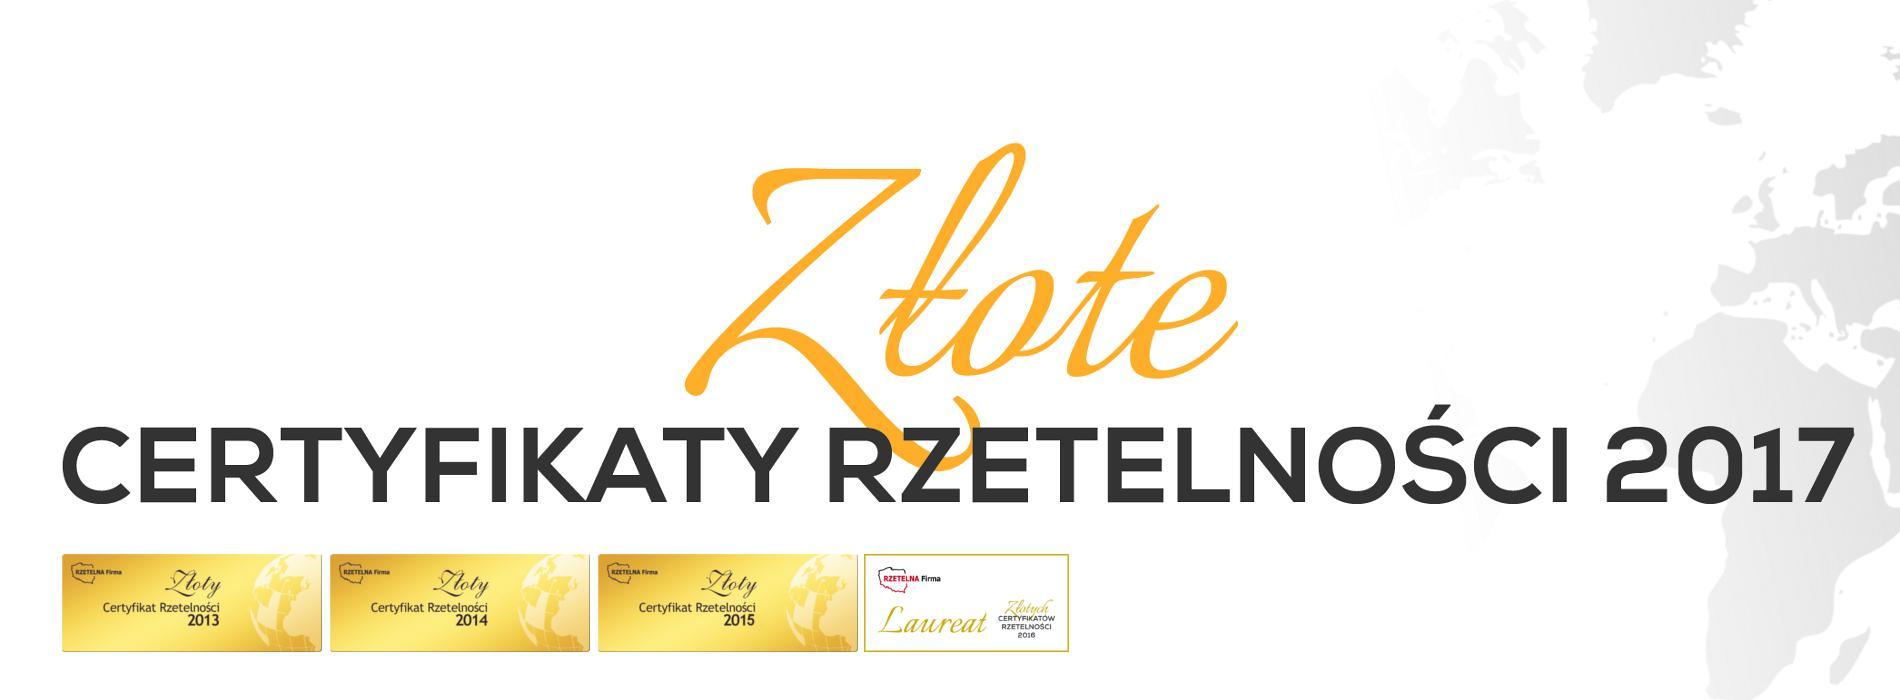 SpeedCube- Złoty Certyfikat 2013-2017